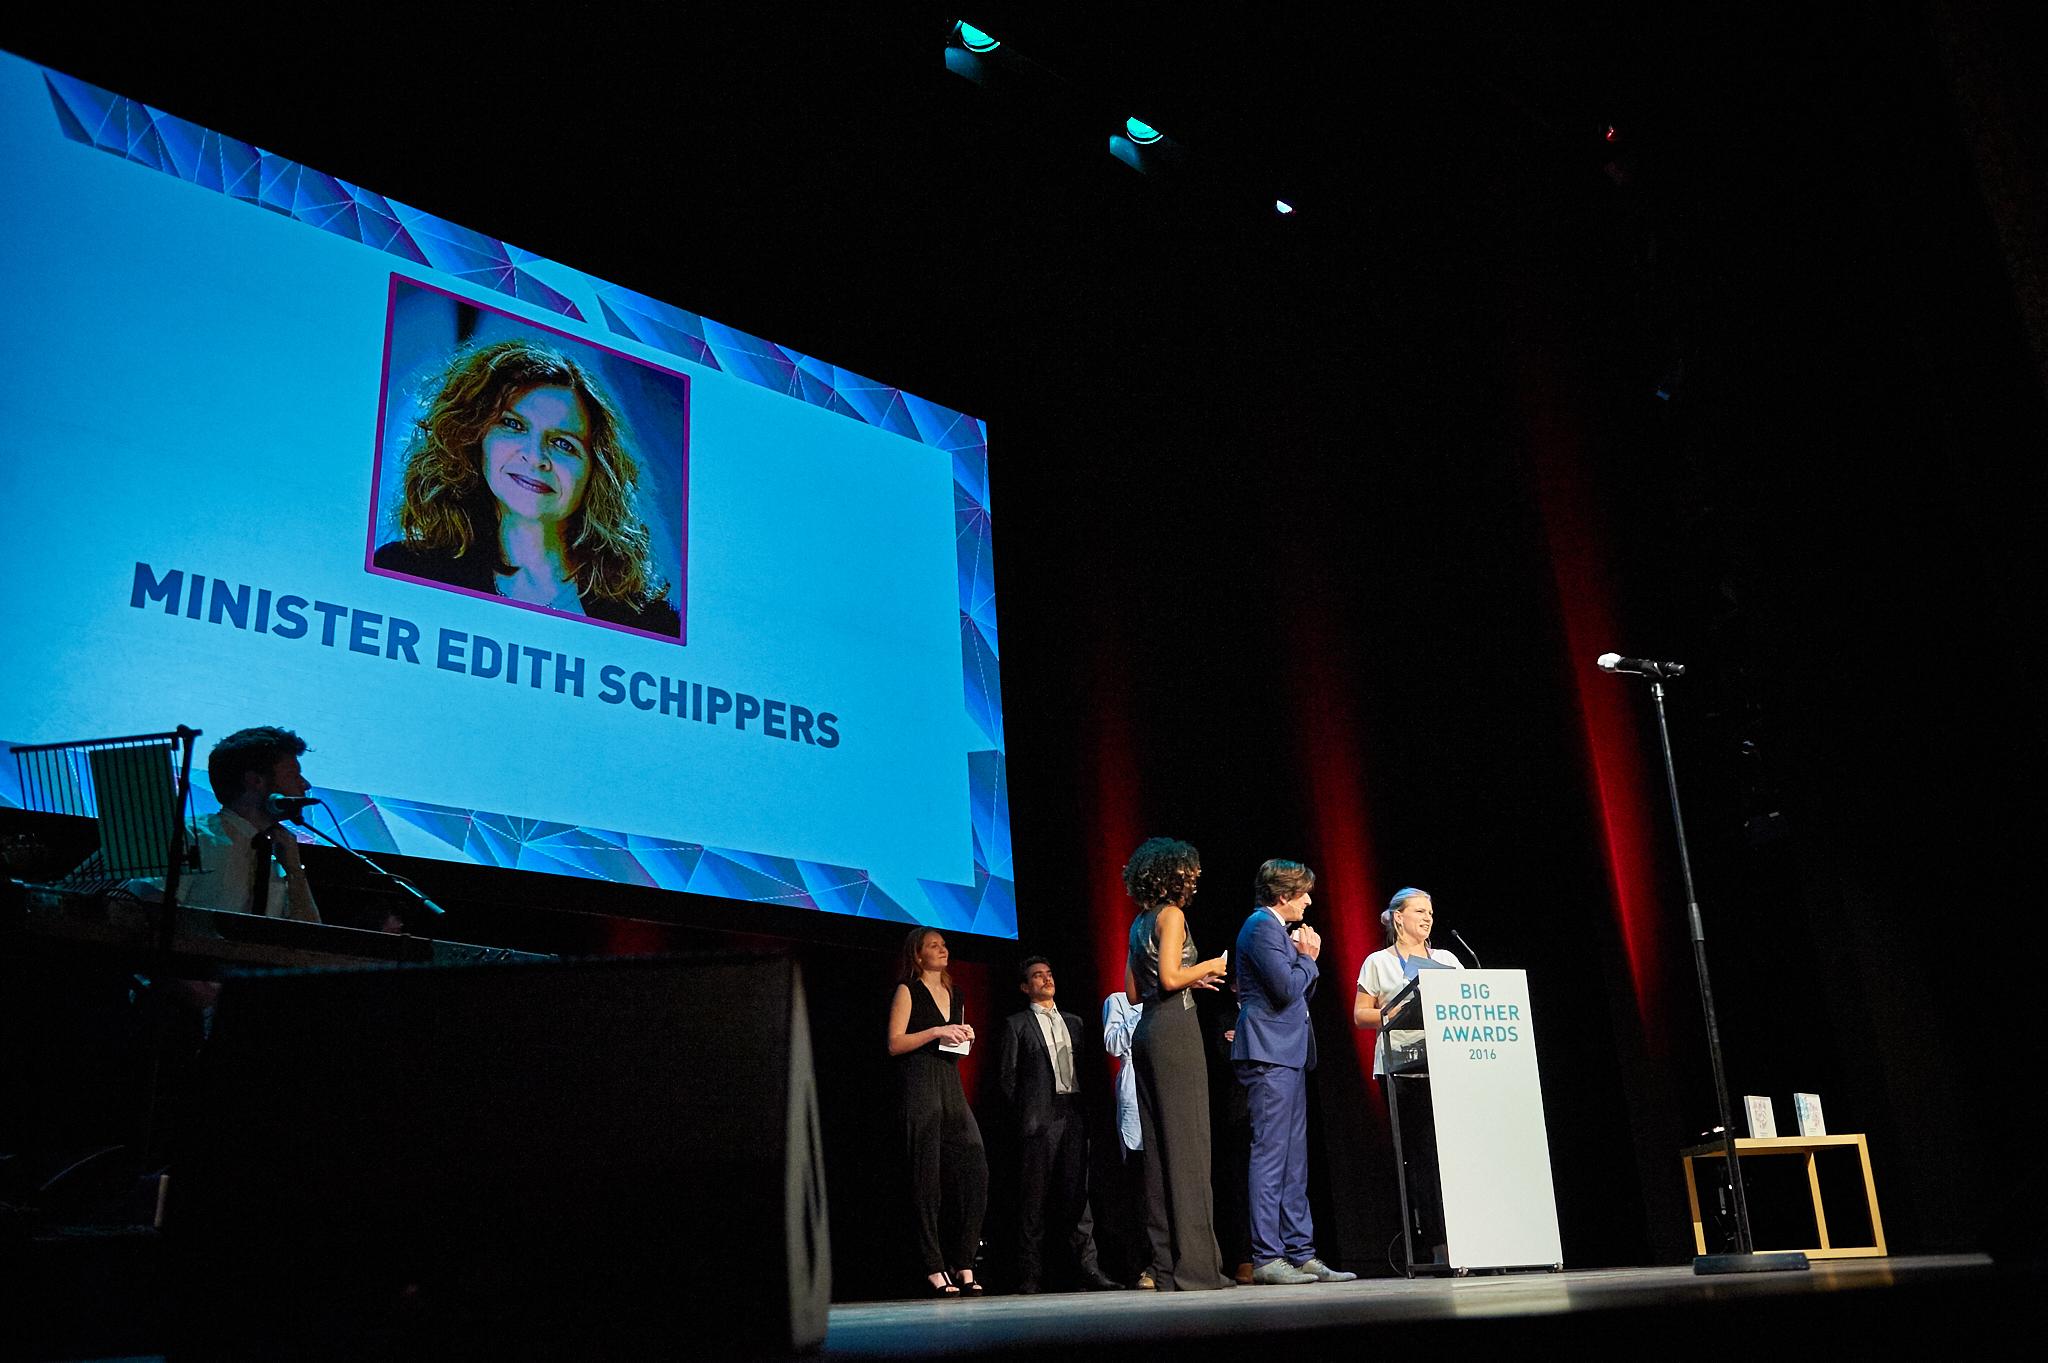 Big Brother Award Publieksprijs 2016 voor minister Schippers. (Foto: Jeroen Mooijman)